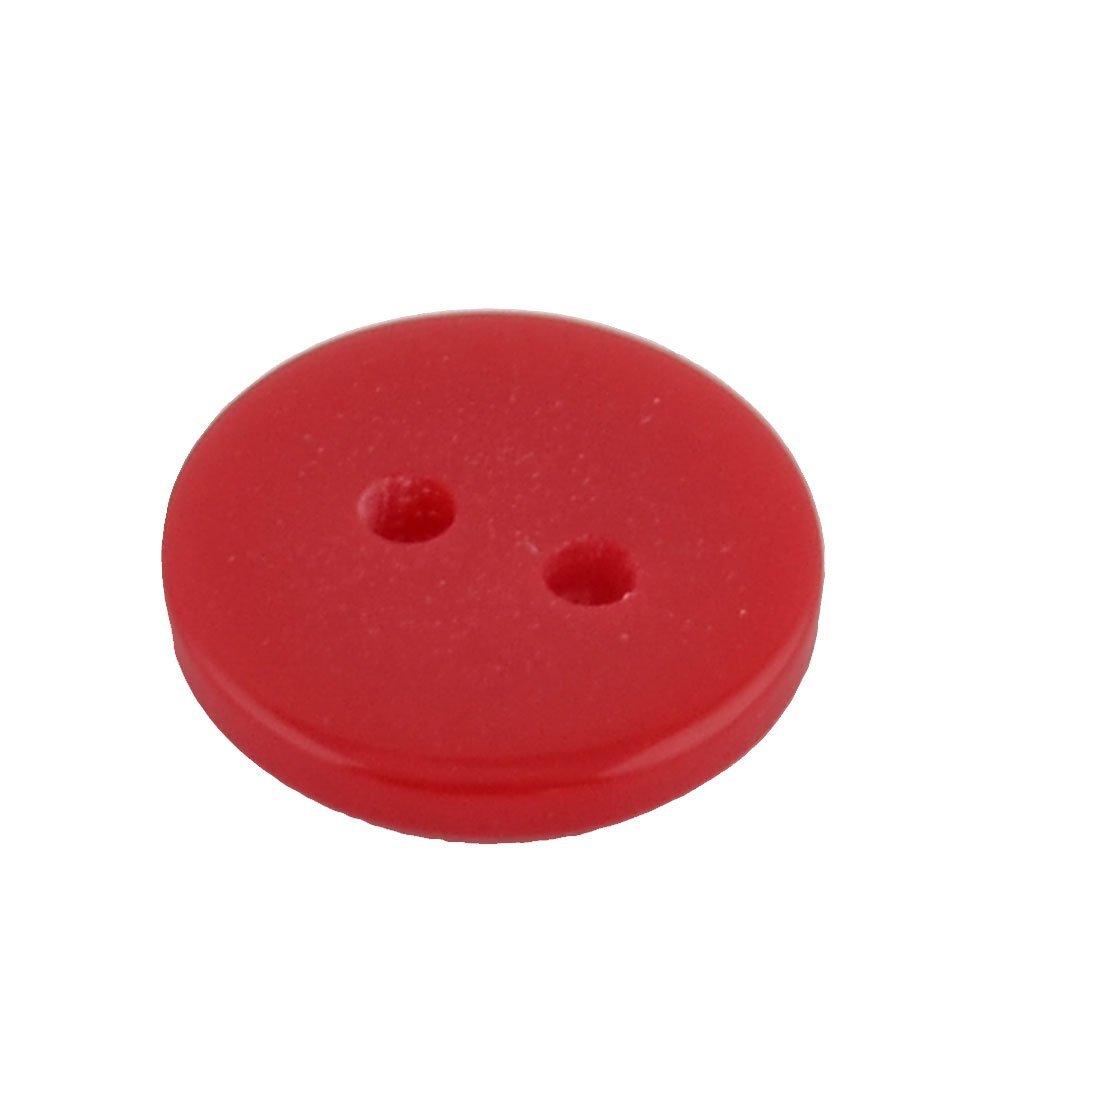 Amazon.com: eDealMax plástico Redondo Agujeros del Doble del botón de costura Abrigo 13mm Dia 250 piezas de Colores surtidos: Home & Kitchen